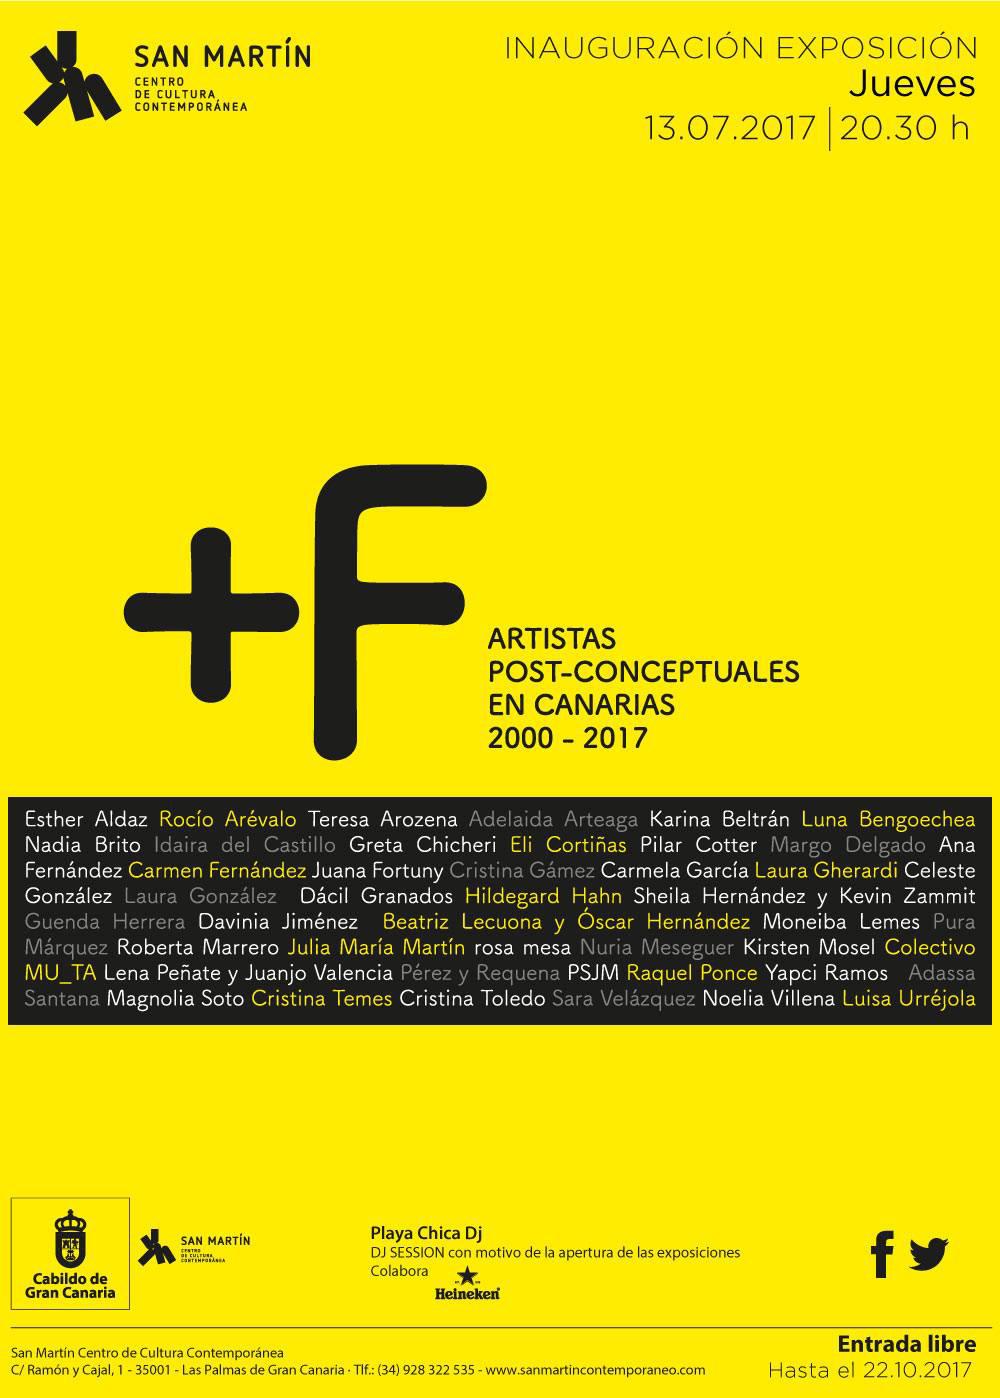 +F Artistas post-conceptuales en Canarias 2000-20017, del 13 de julio al 22 octubre 2017 en San Martín (GC)  // CanariasCreativa.com